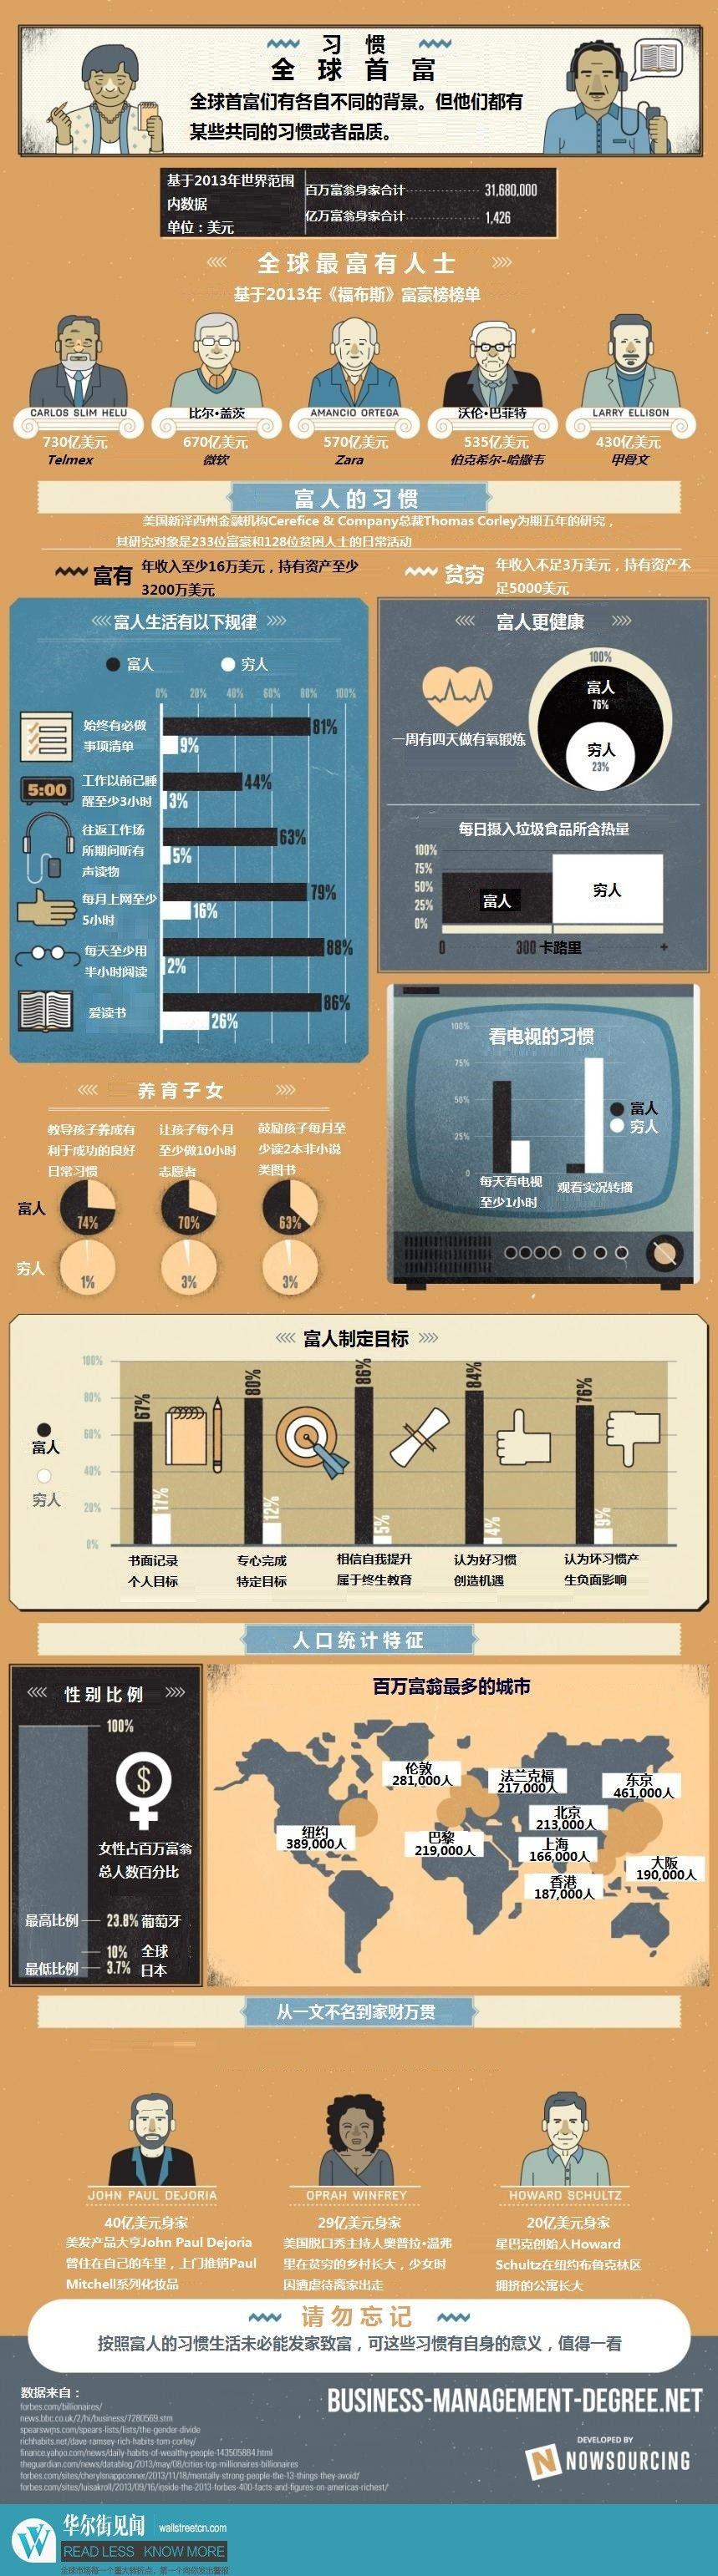 一张图看懂全球首富的生活习惯!